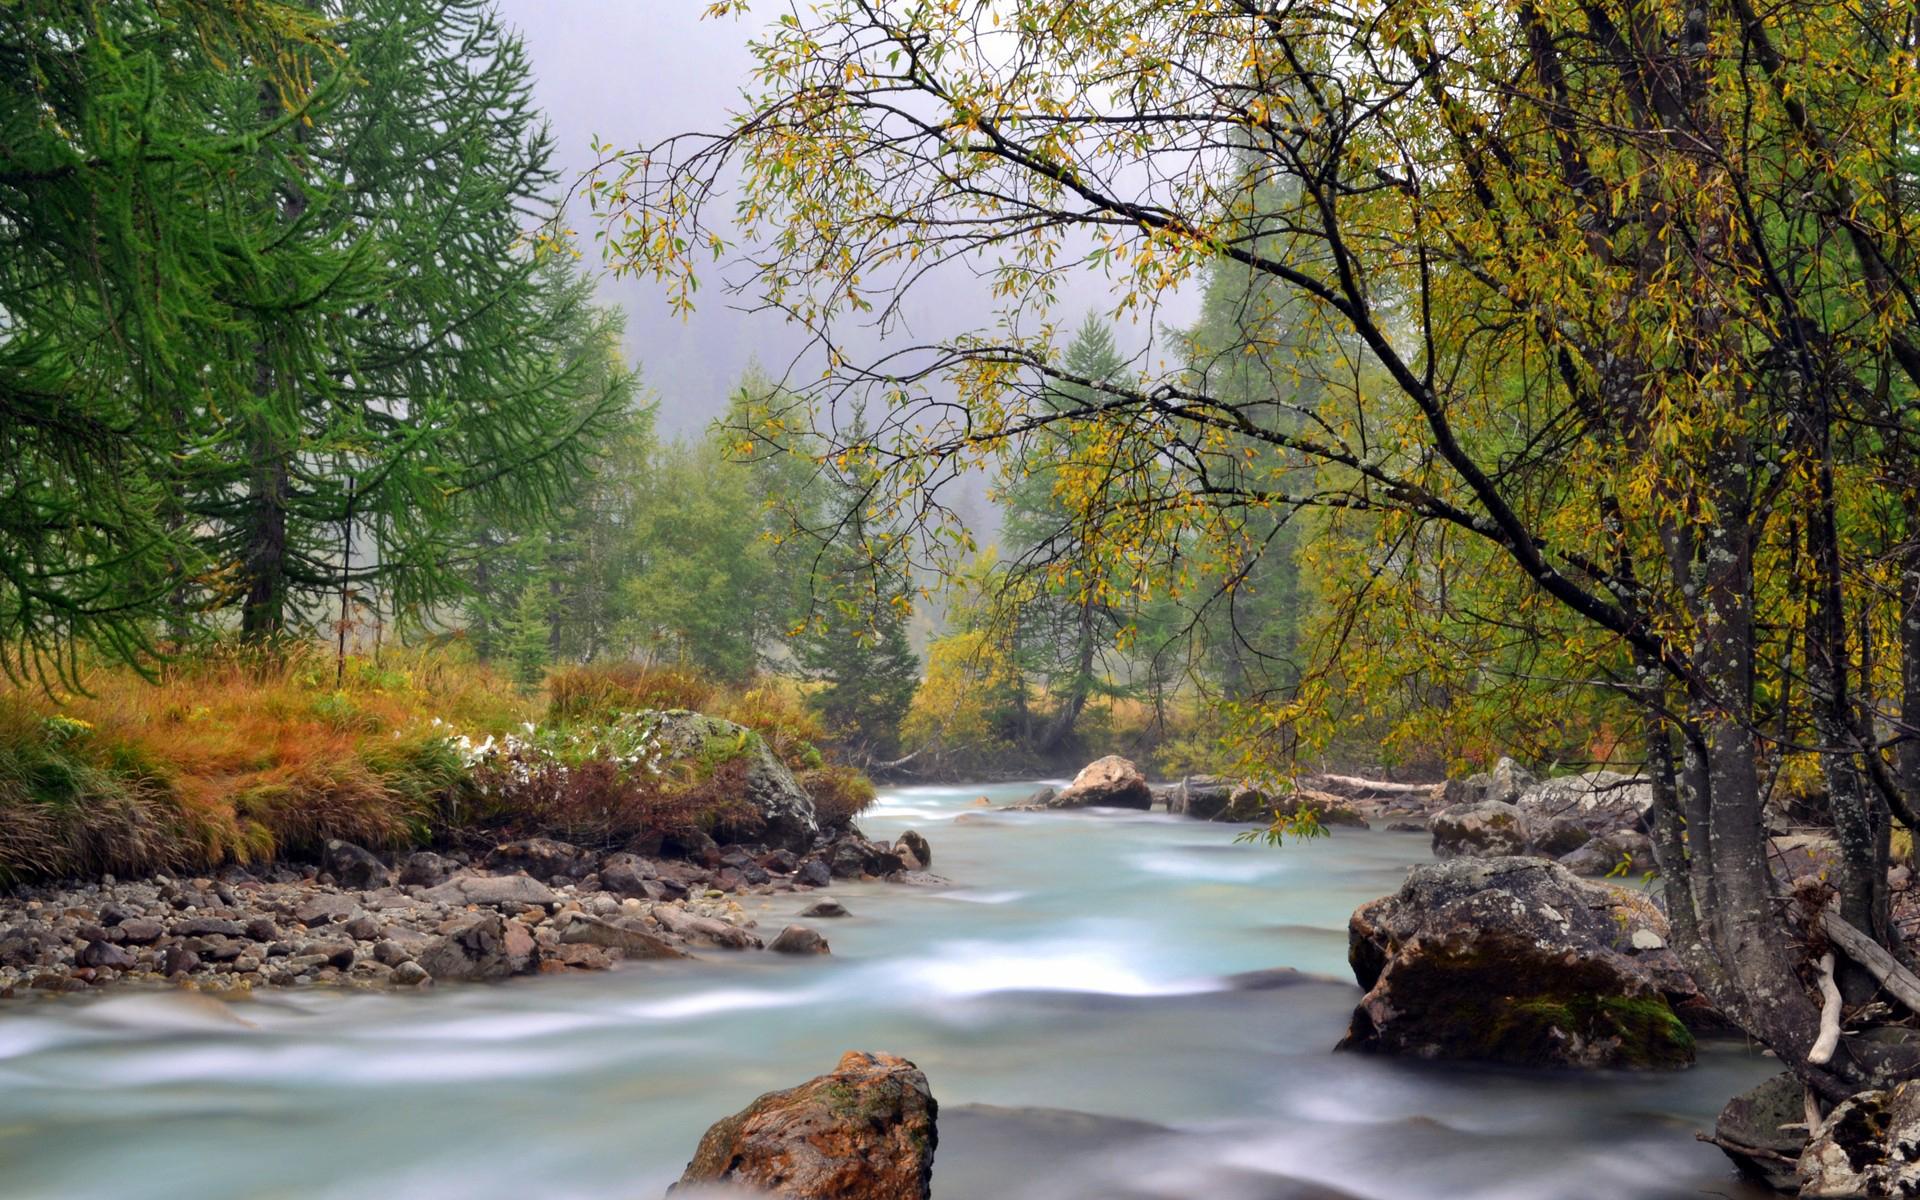 تصاویر طبیعت بسیار زیبا و دیدنی